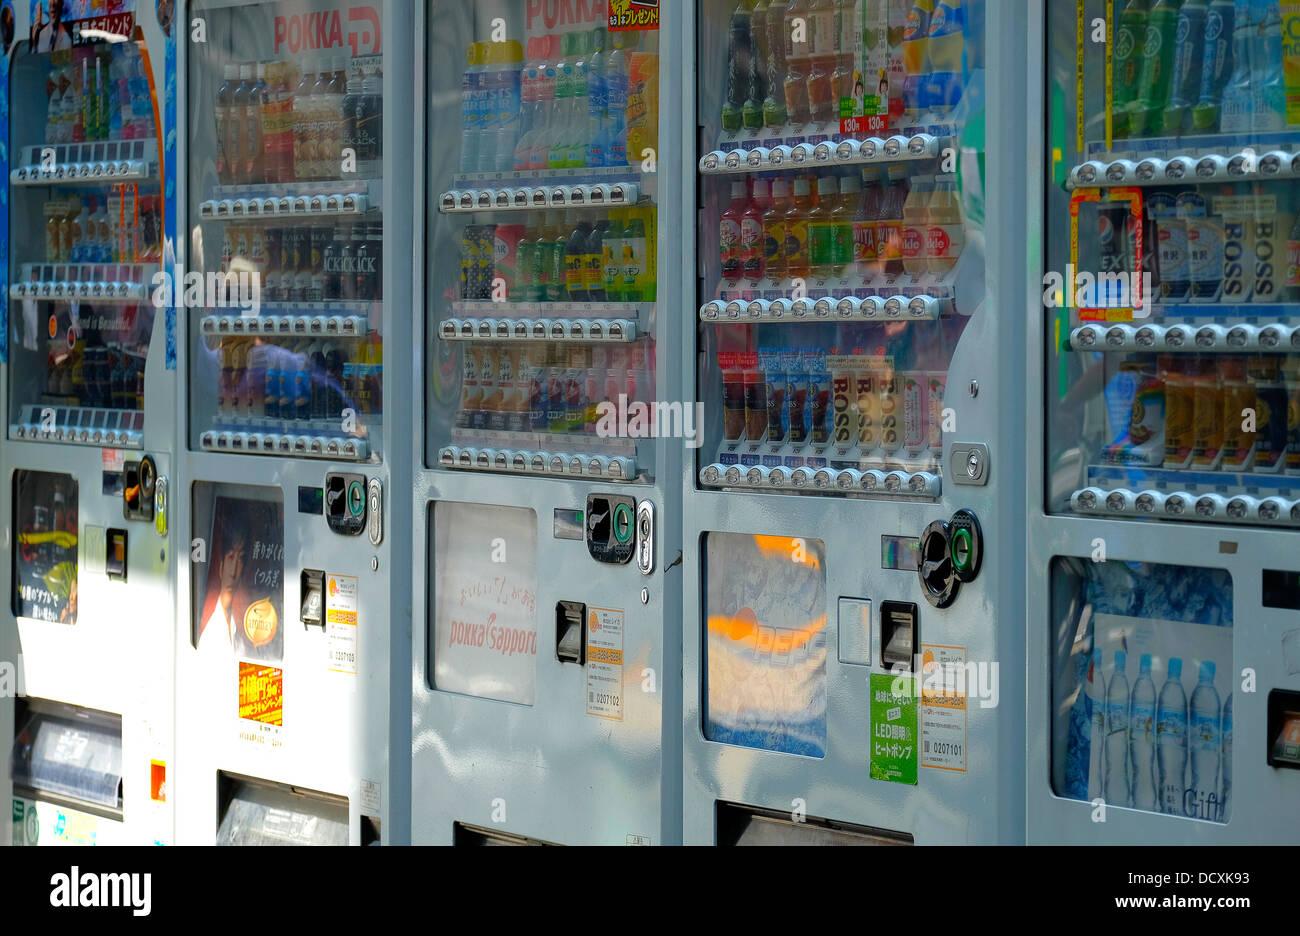 vending machines in akihabara stock photo 59592879 alamy